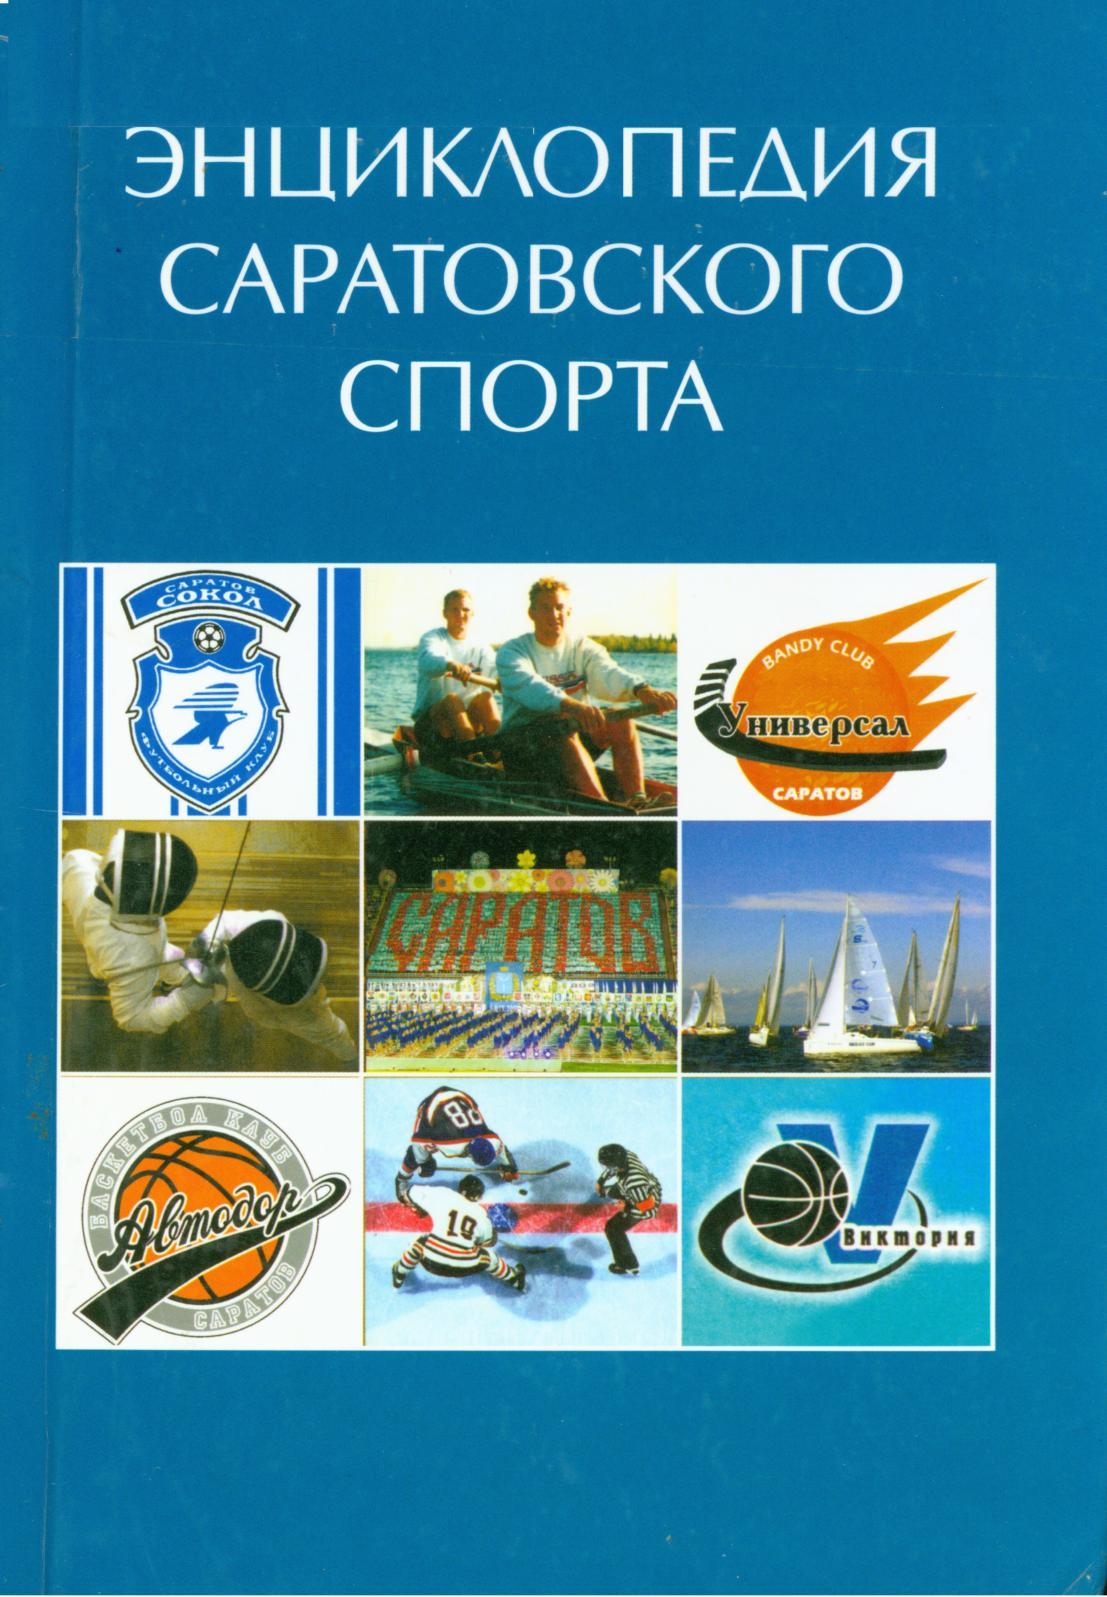 Матюшкин А.А. Энциклопедия саратовского спорта